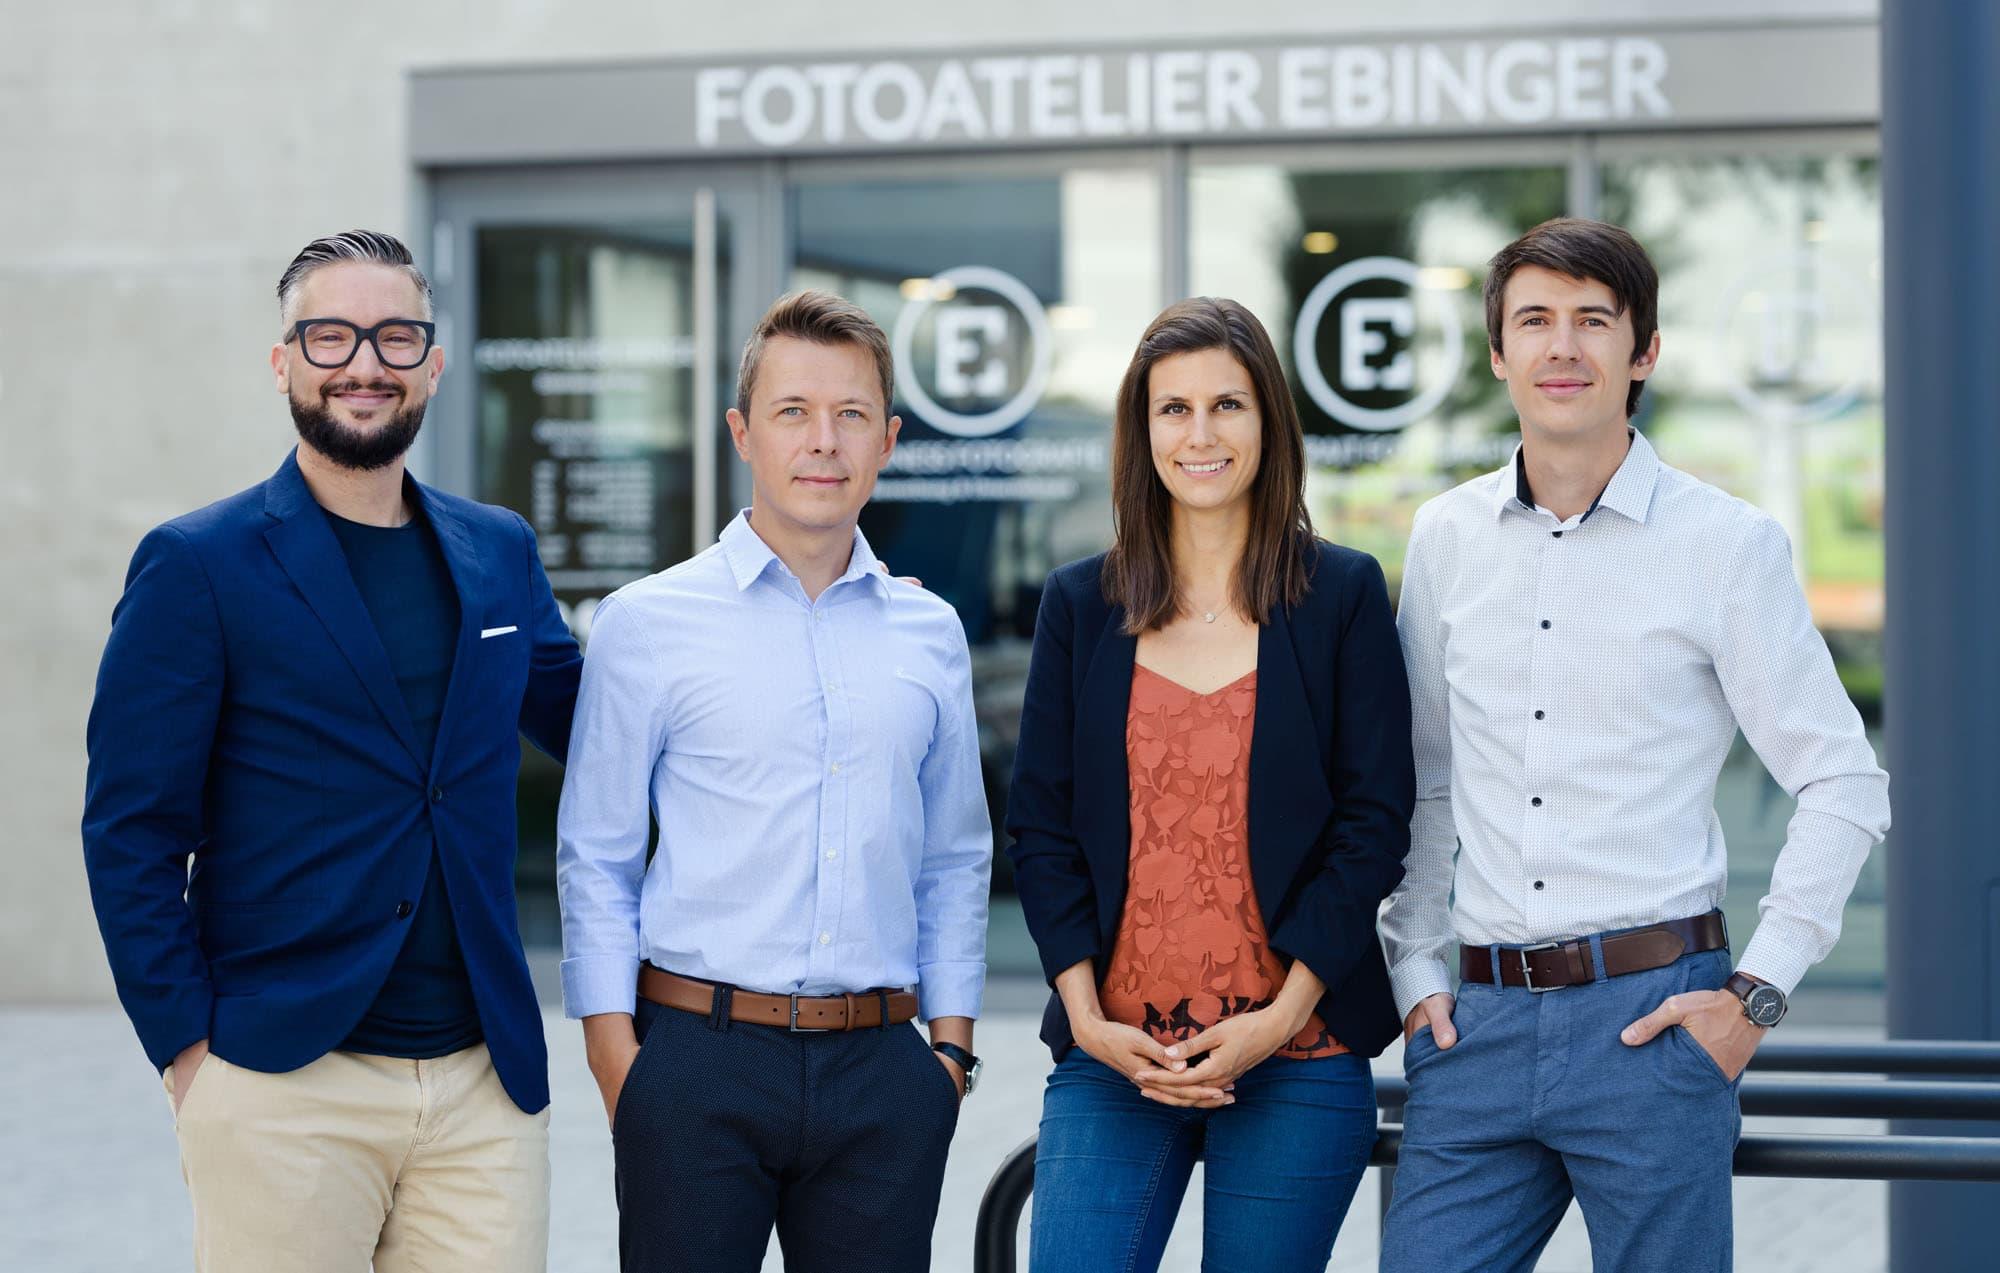 Fotoatelier Ebinger Team